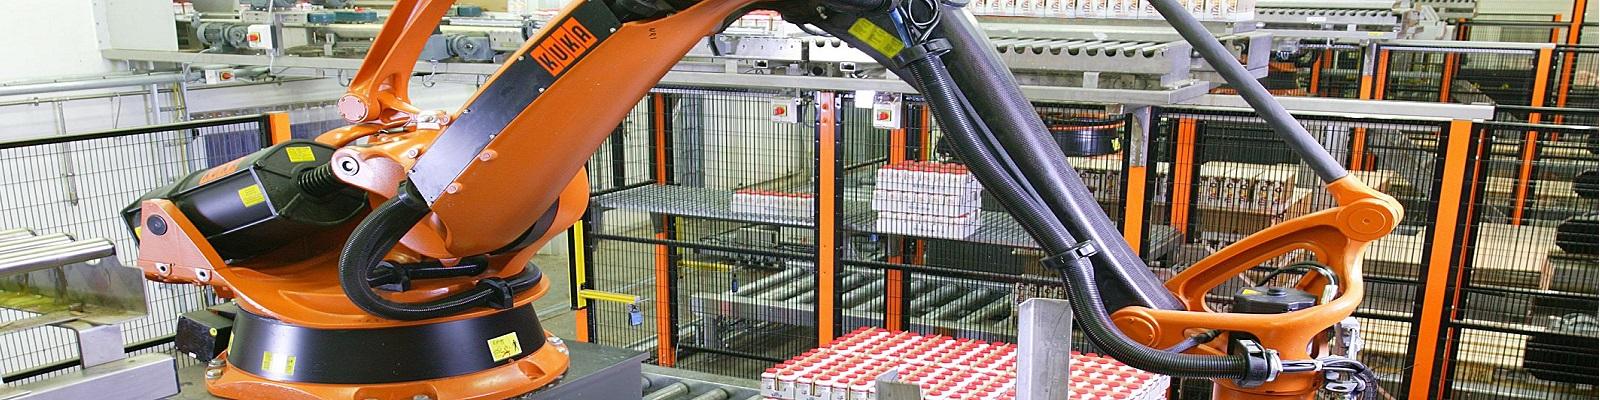 Valutazione dei rischi per postazioni robotizzate